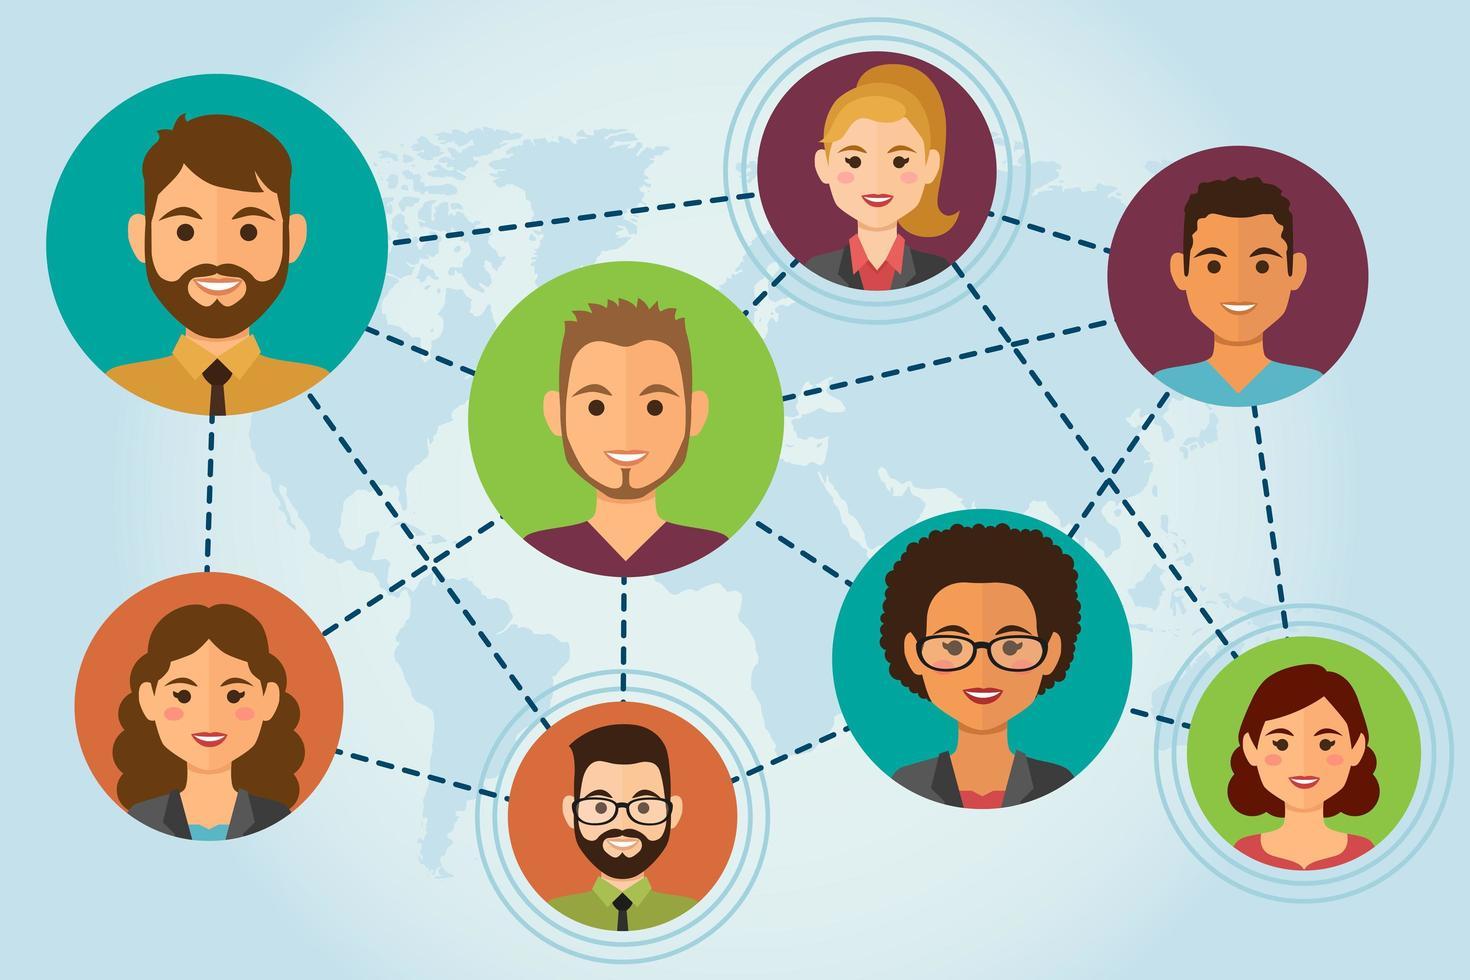 connecter les avatars des gens vecteur